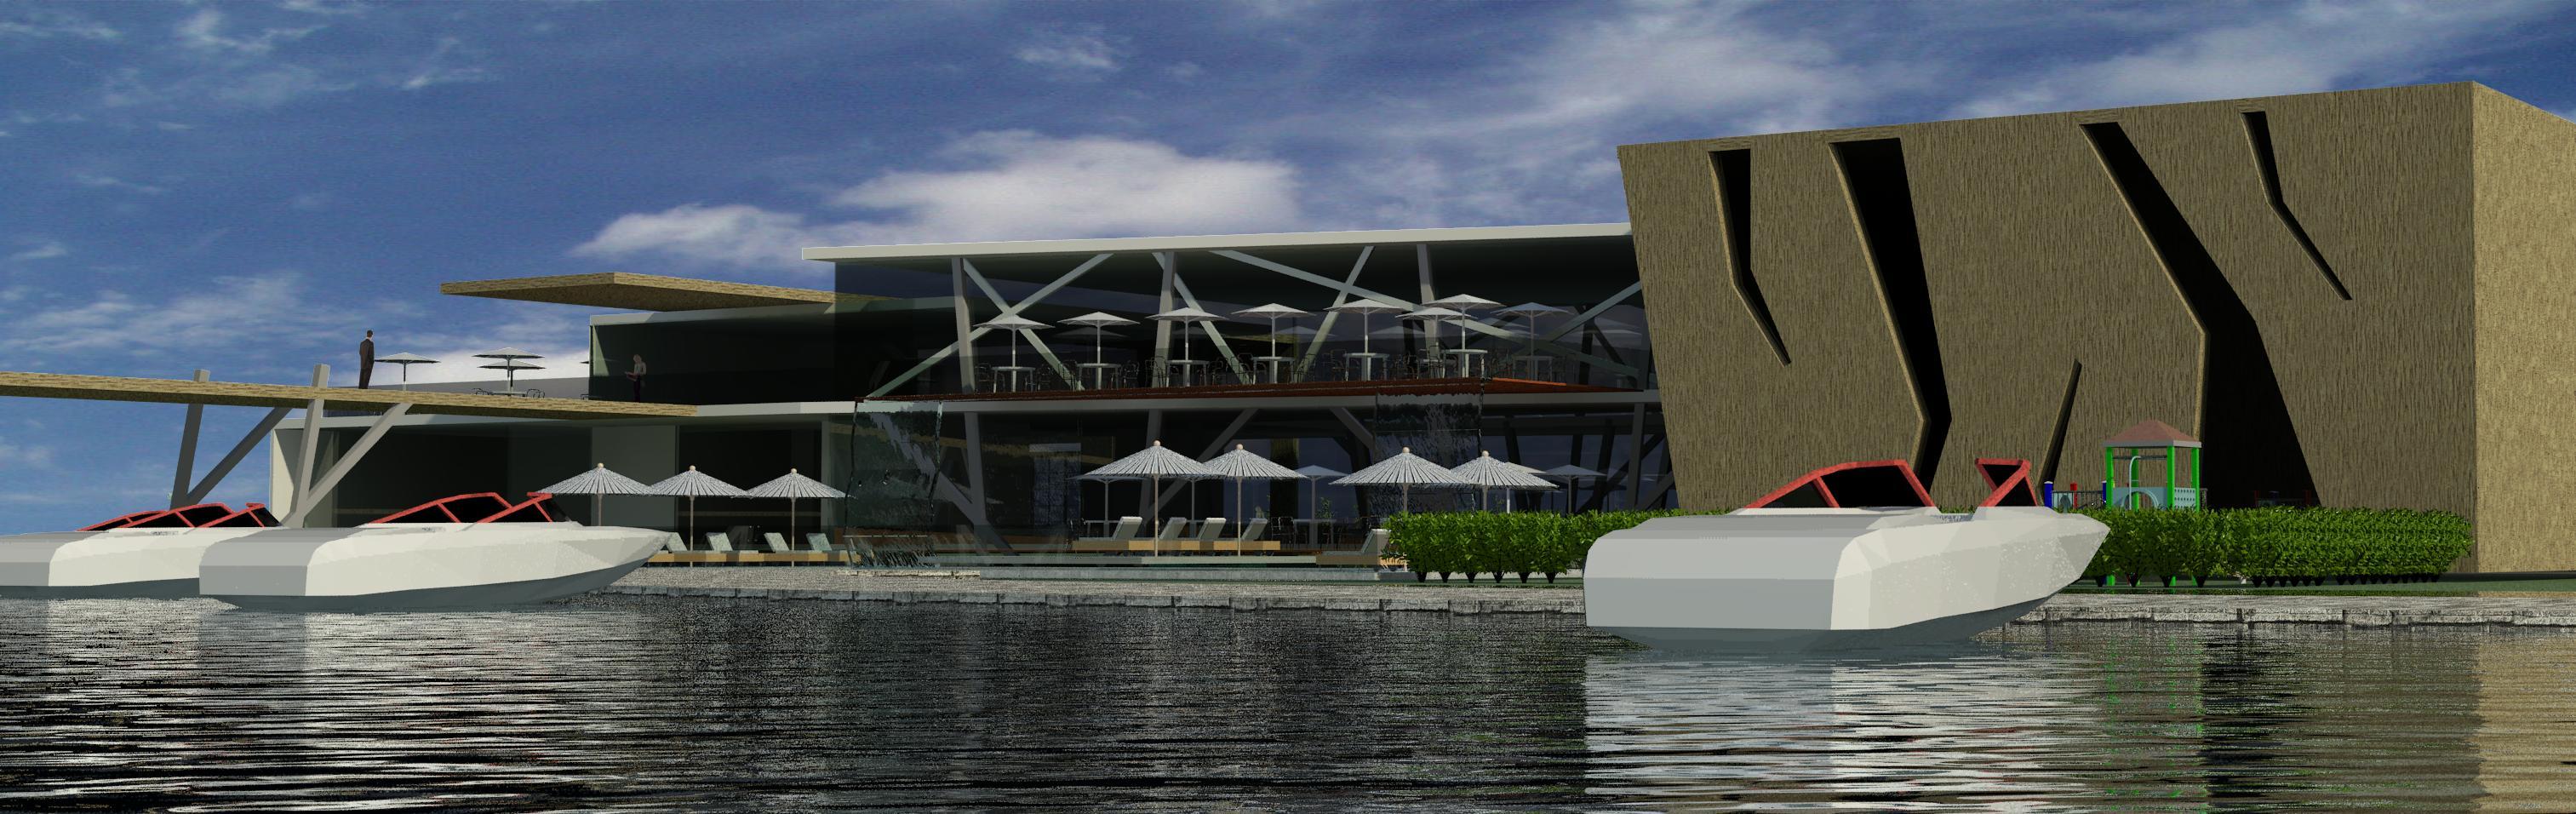 پلان معماری رستوران ساحلی